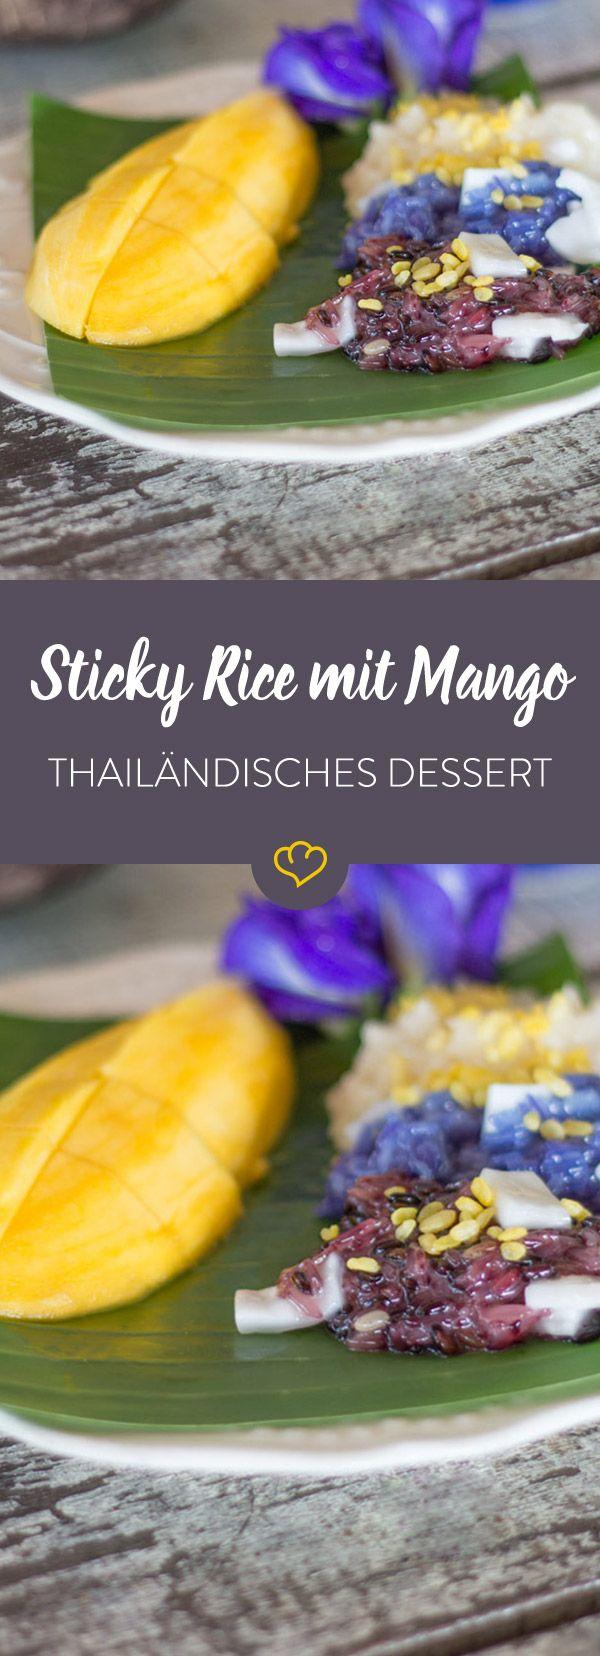 Sticky Rice mit Mango ist eine der beliebtesten Nachspeisen Thailands. Hier eine Special Edition mit lila und blau gefärbtem Klebreis.